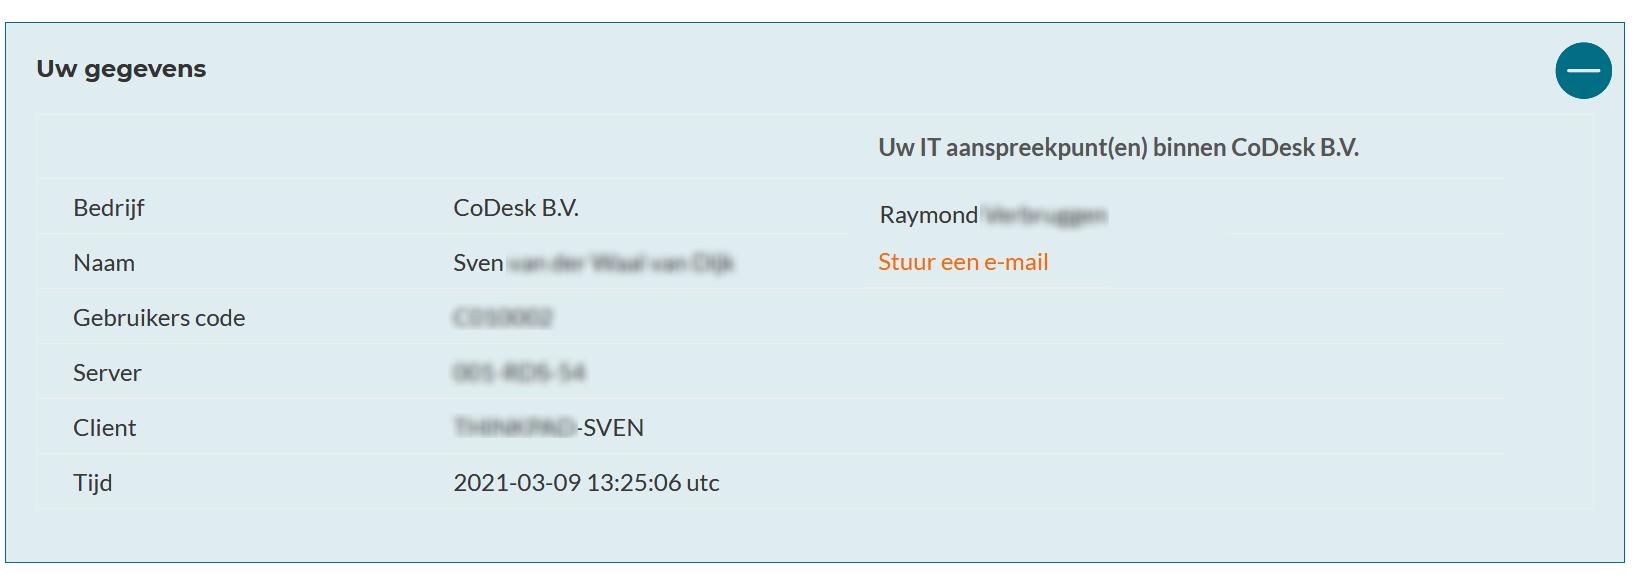 Details op codesk.nl/help